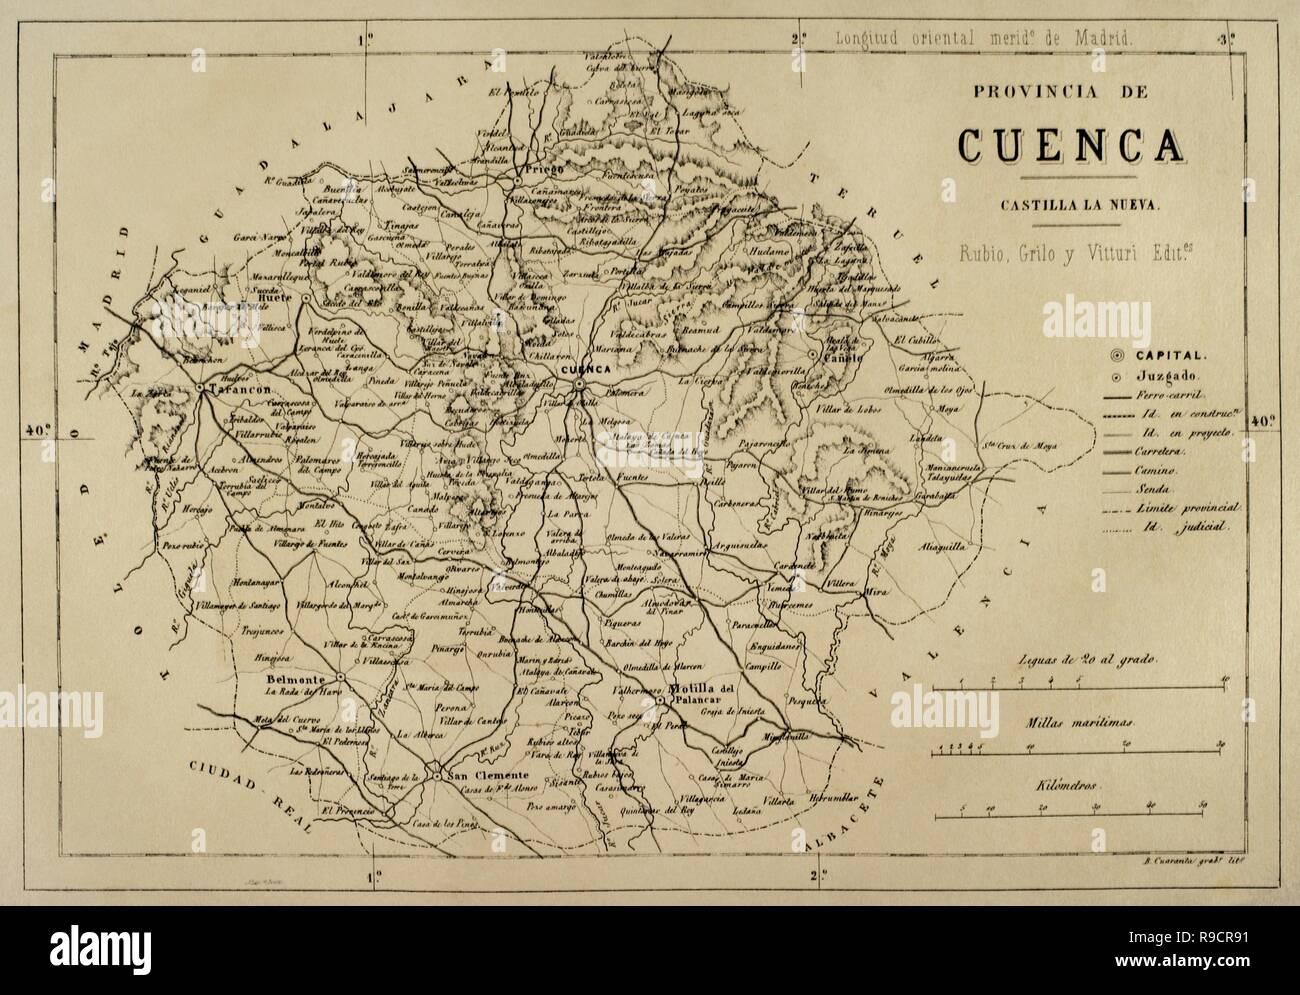 Mapa Provincia De Cuenca España.Mapa De La Provincia De Cuenca Cronica De Espana Historia